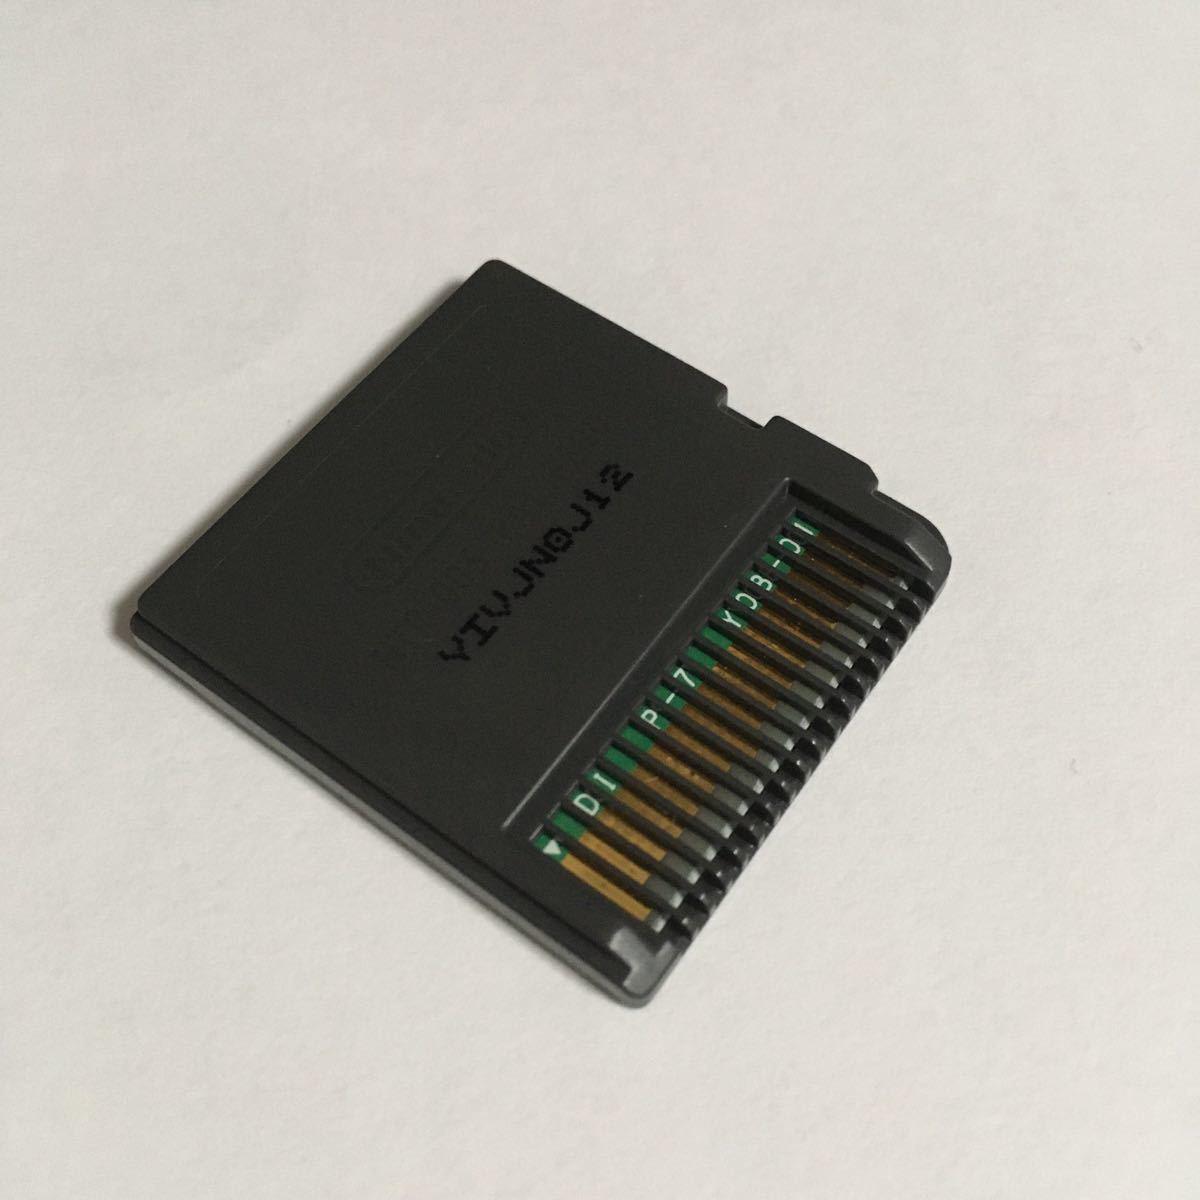 ニンテンドーDS  ソフト ドラゴンクエスト4   導かれし者たち ドラクエ4  動作確認済み